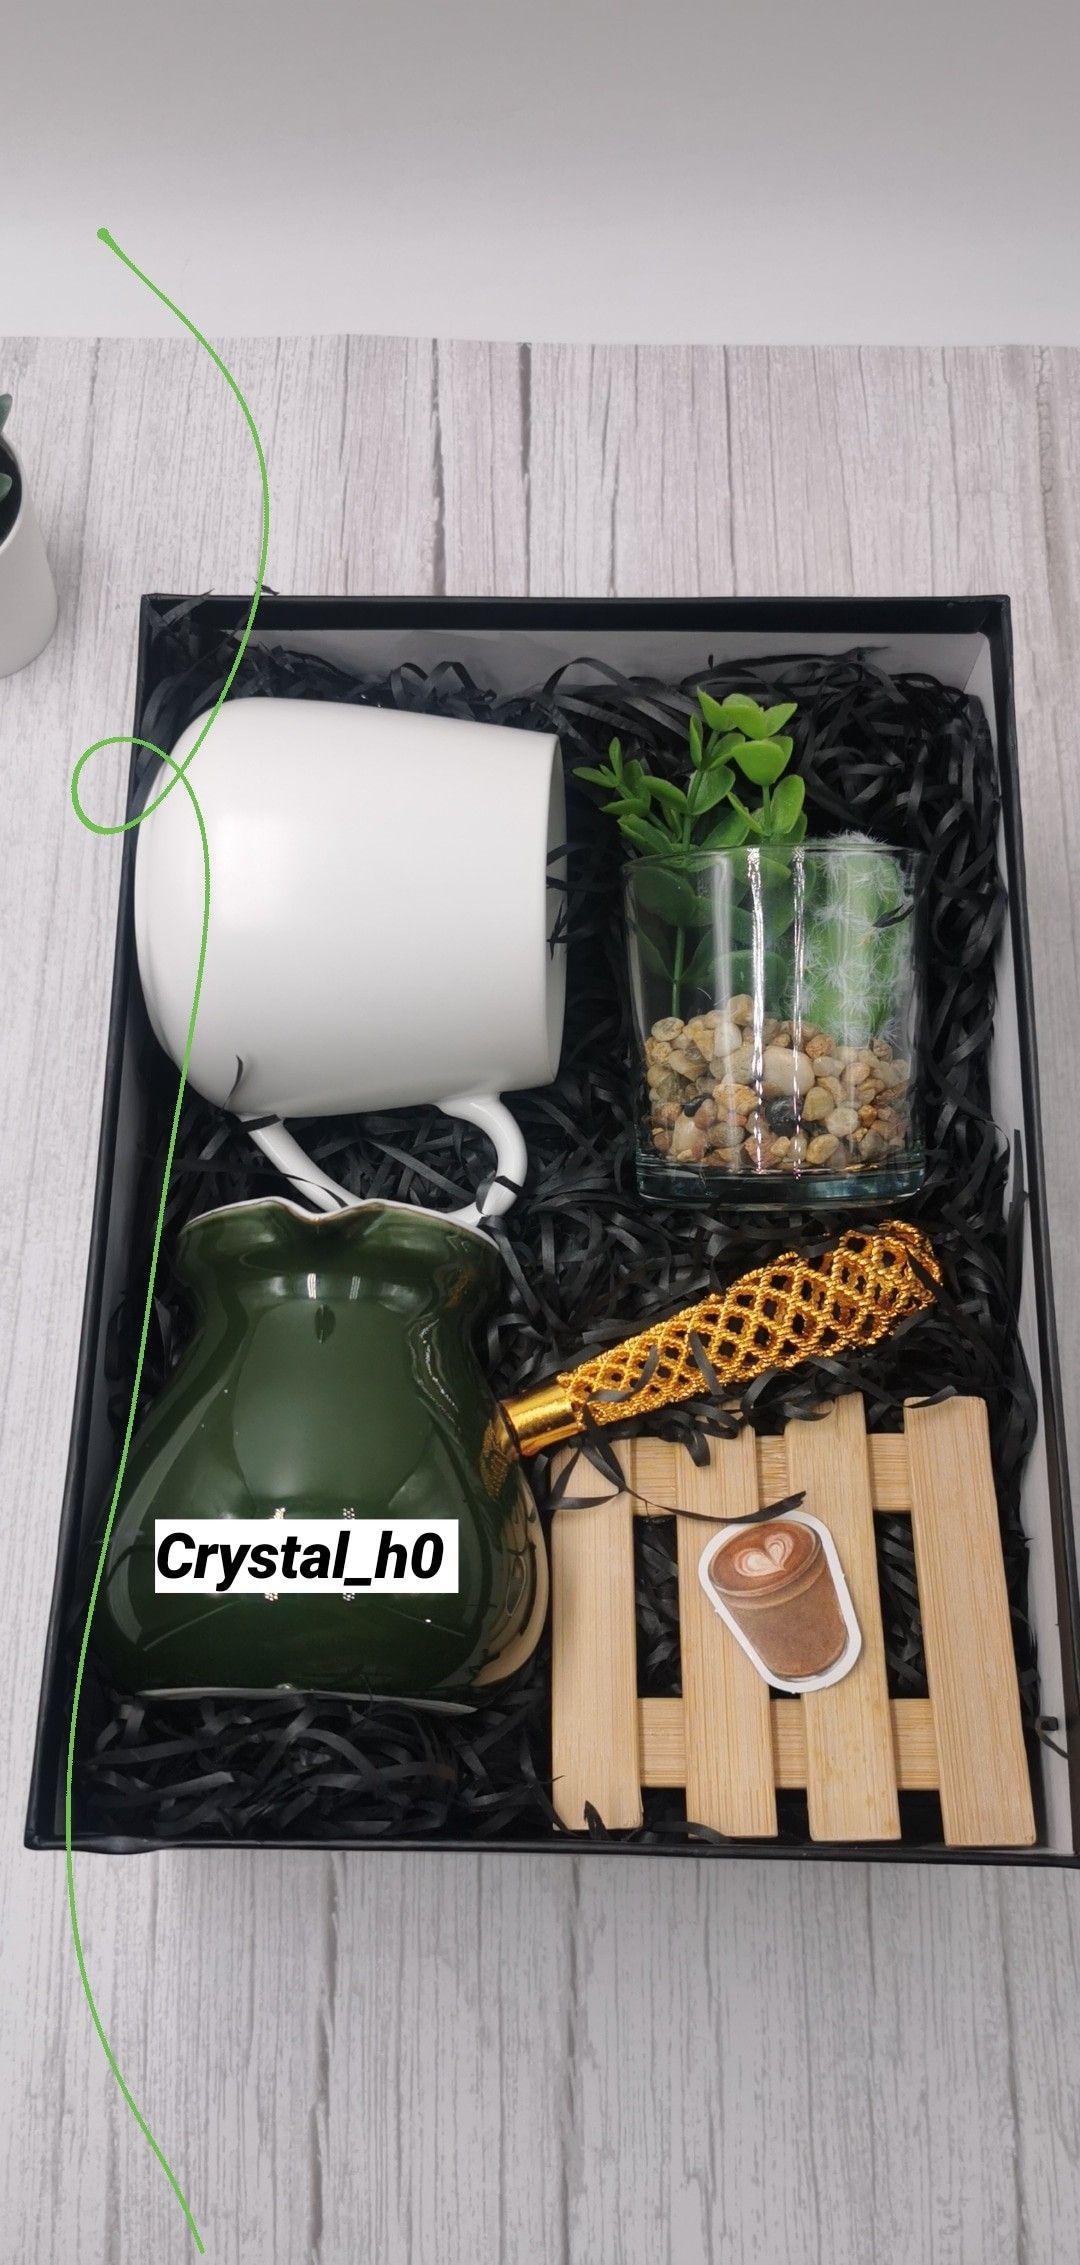 هدايا بوكسات تغليف هديه قهوة الخبر الاحساء جده تبوك القصيم احبك كوب Gifts Crystals Bath Caddy